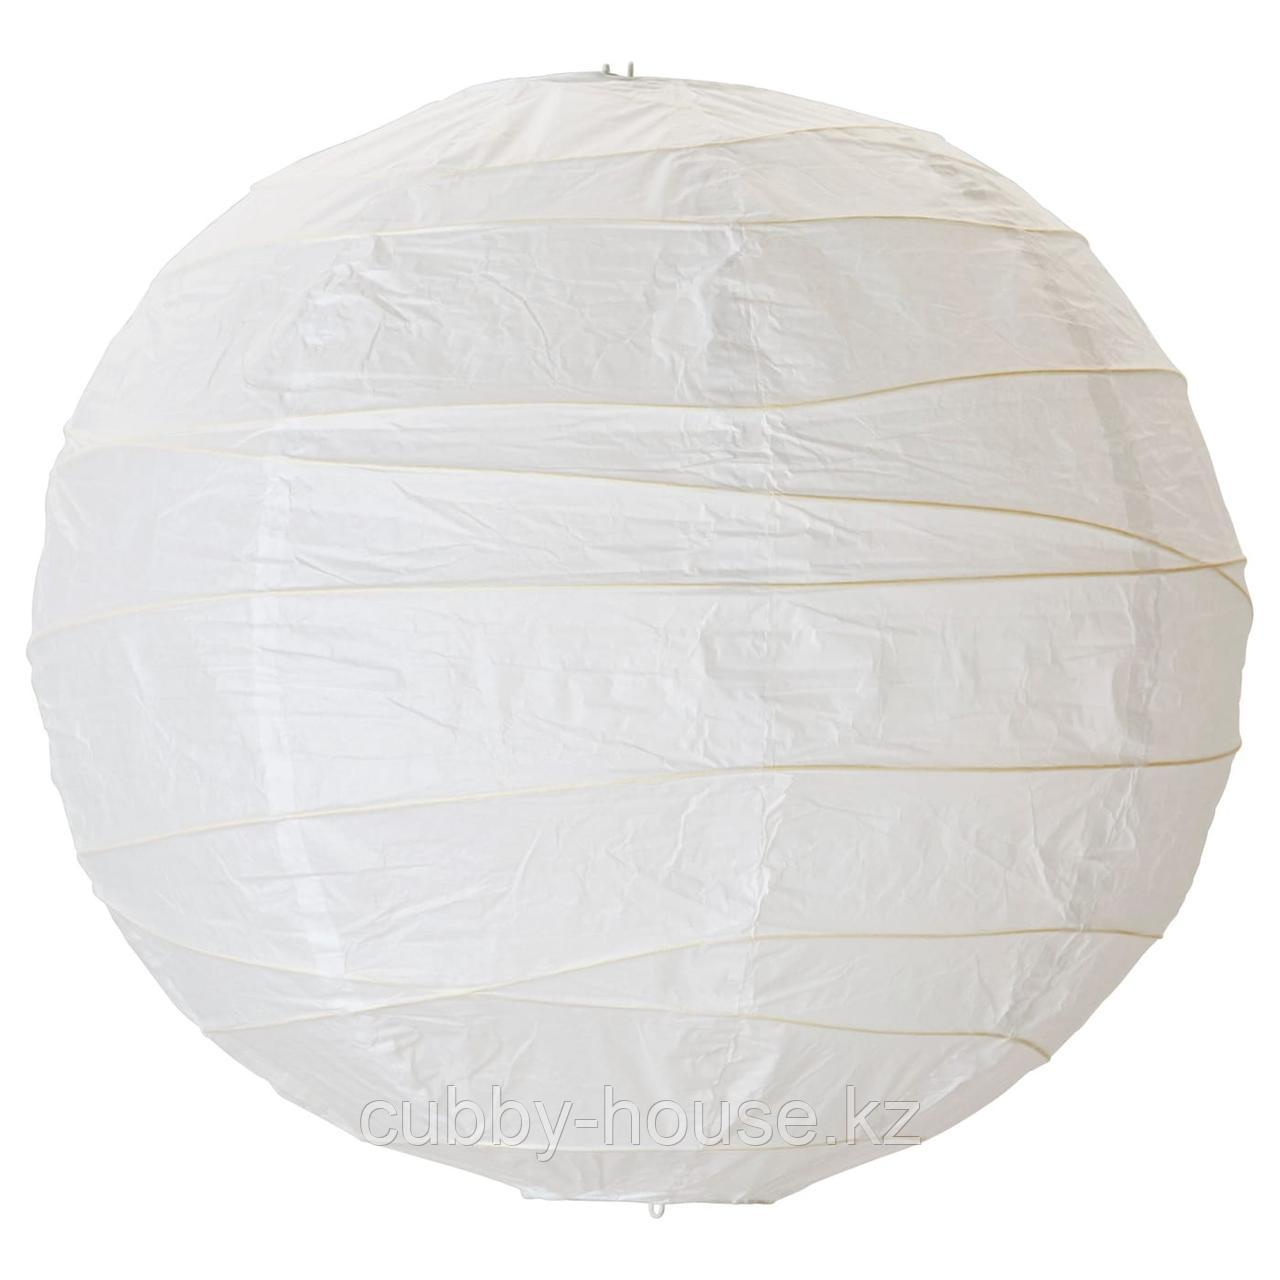 РЕГОЛИТ Абажур для подвесн светильника, белый, 45 см